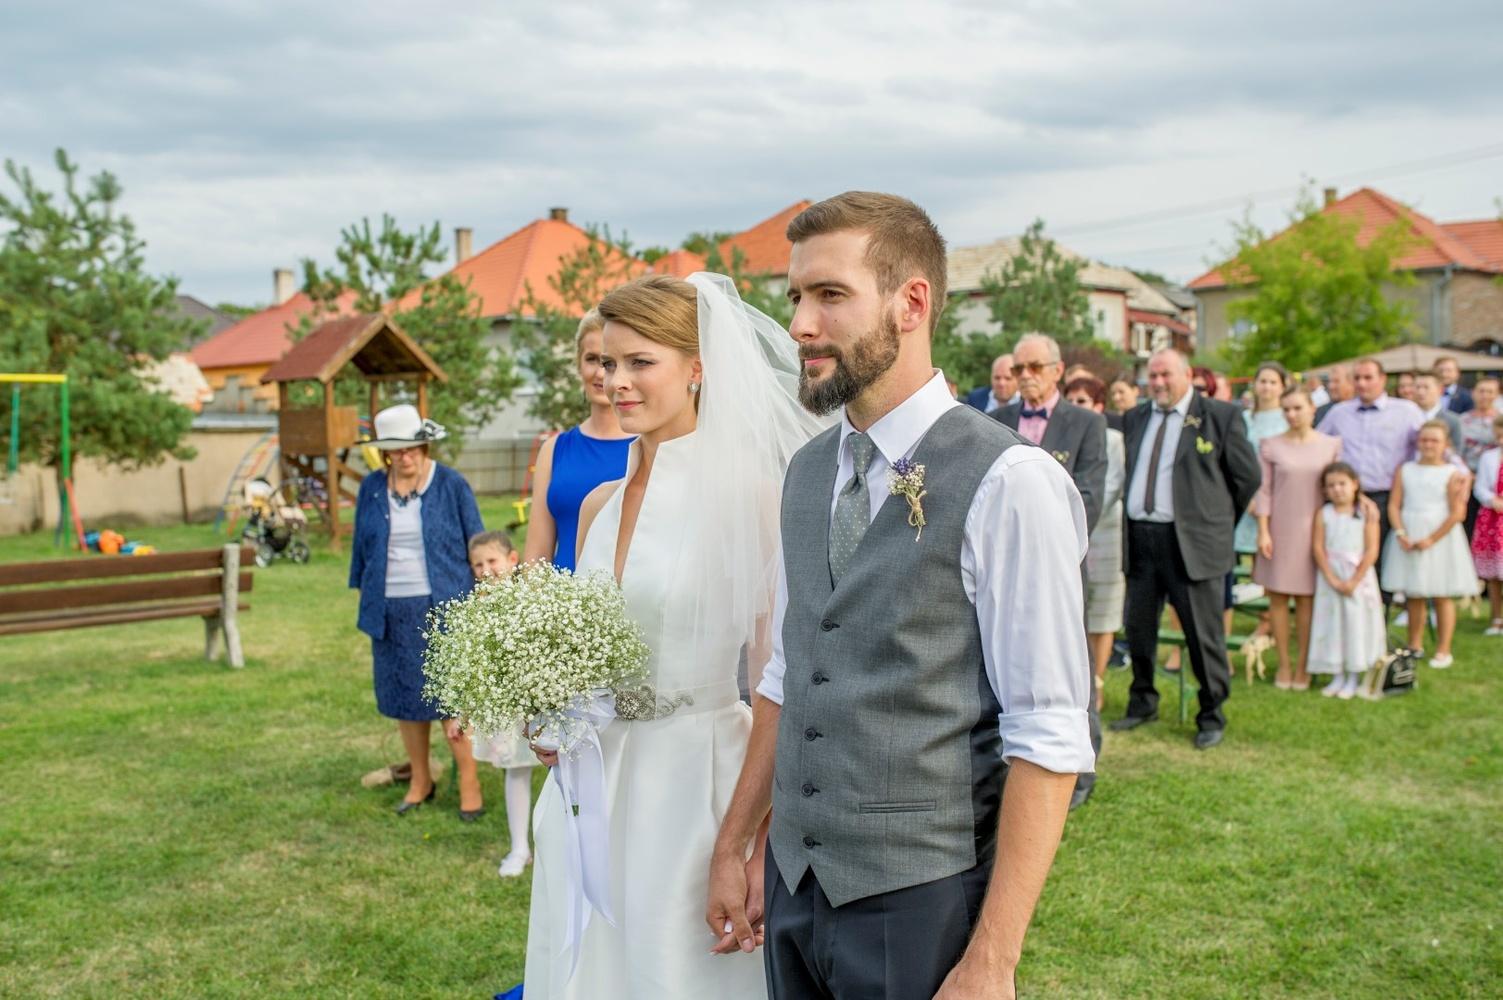 http://www.fotoz.sk/images/gallery-8/normal/eskuvoi-fotos_svadobny-fotograf_440.jpg